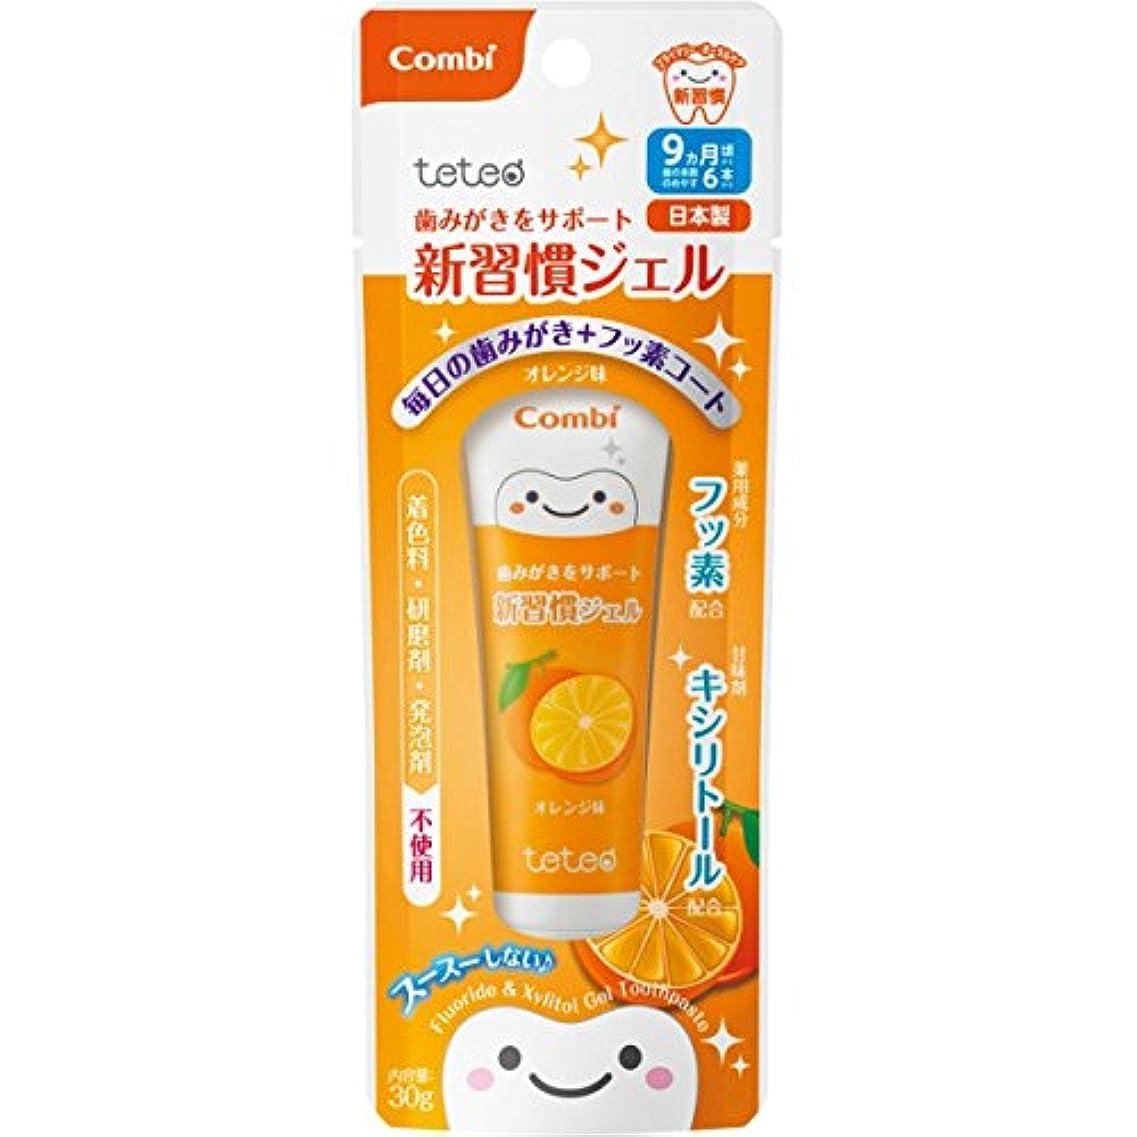 くつろぎオートマトン項目【テテオ】歯みがきサポート 新習慣ジェル オレンジ味 30g×3個